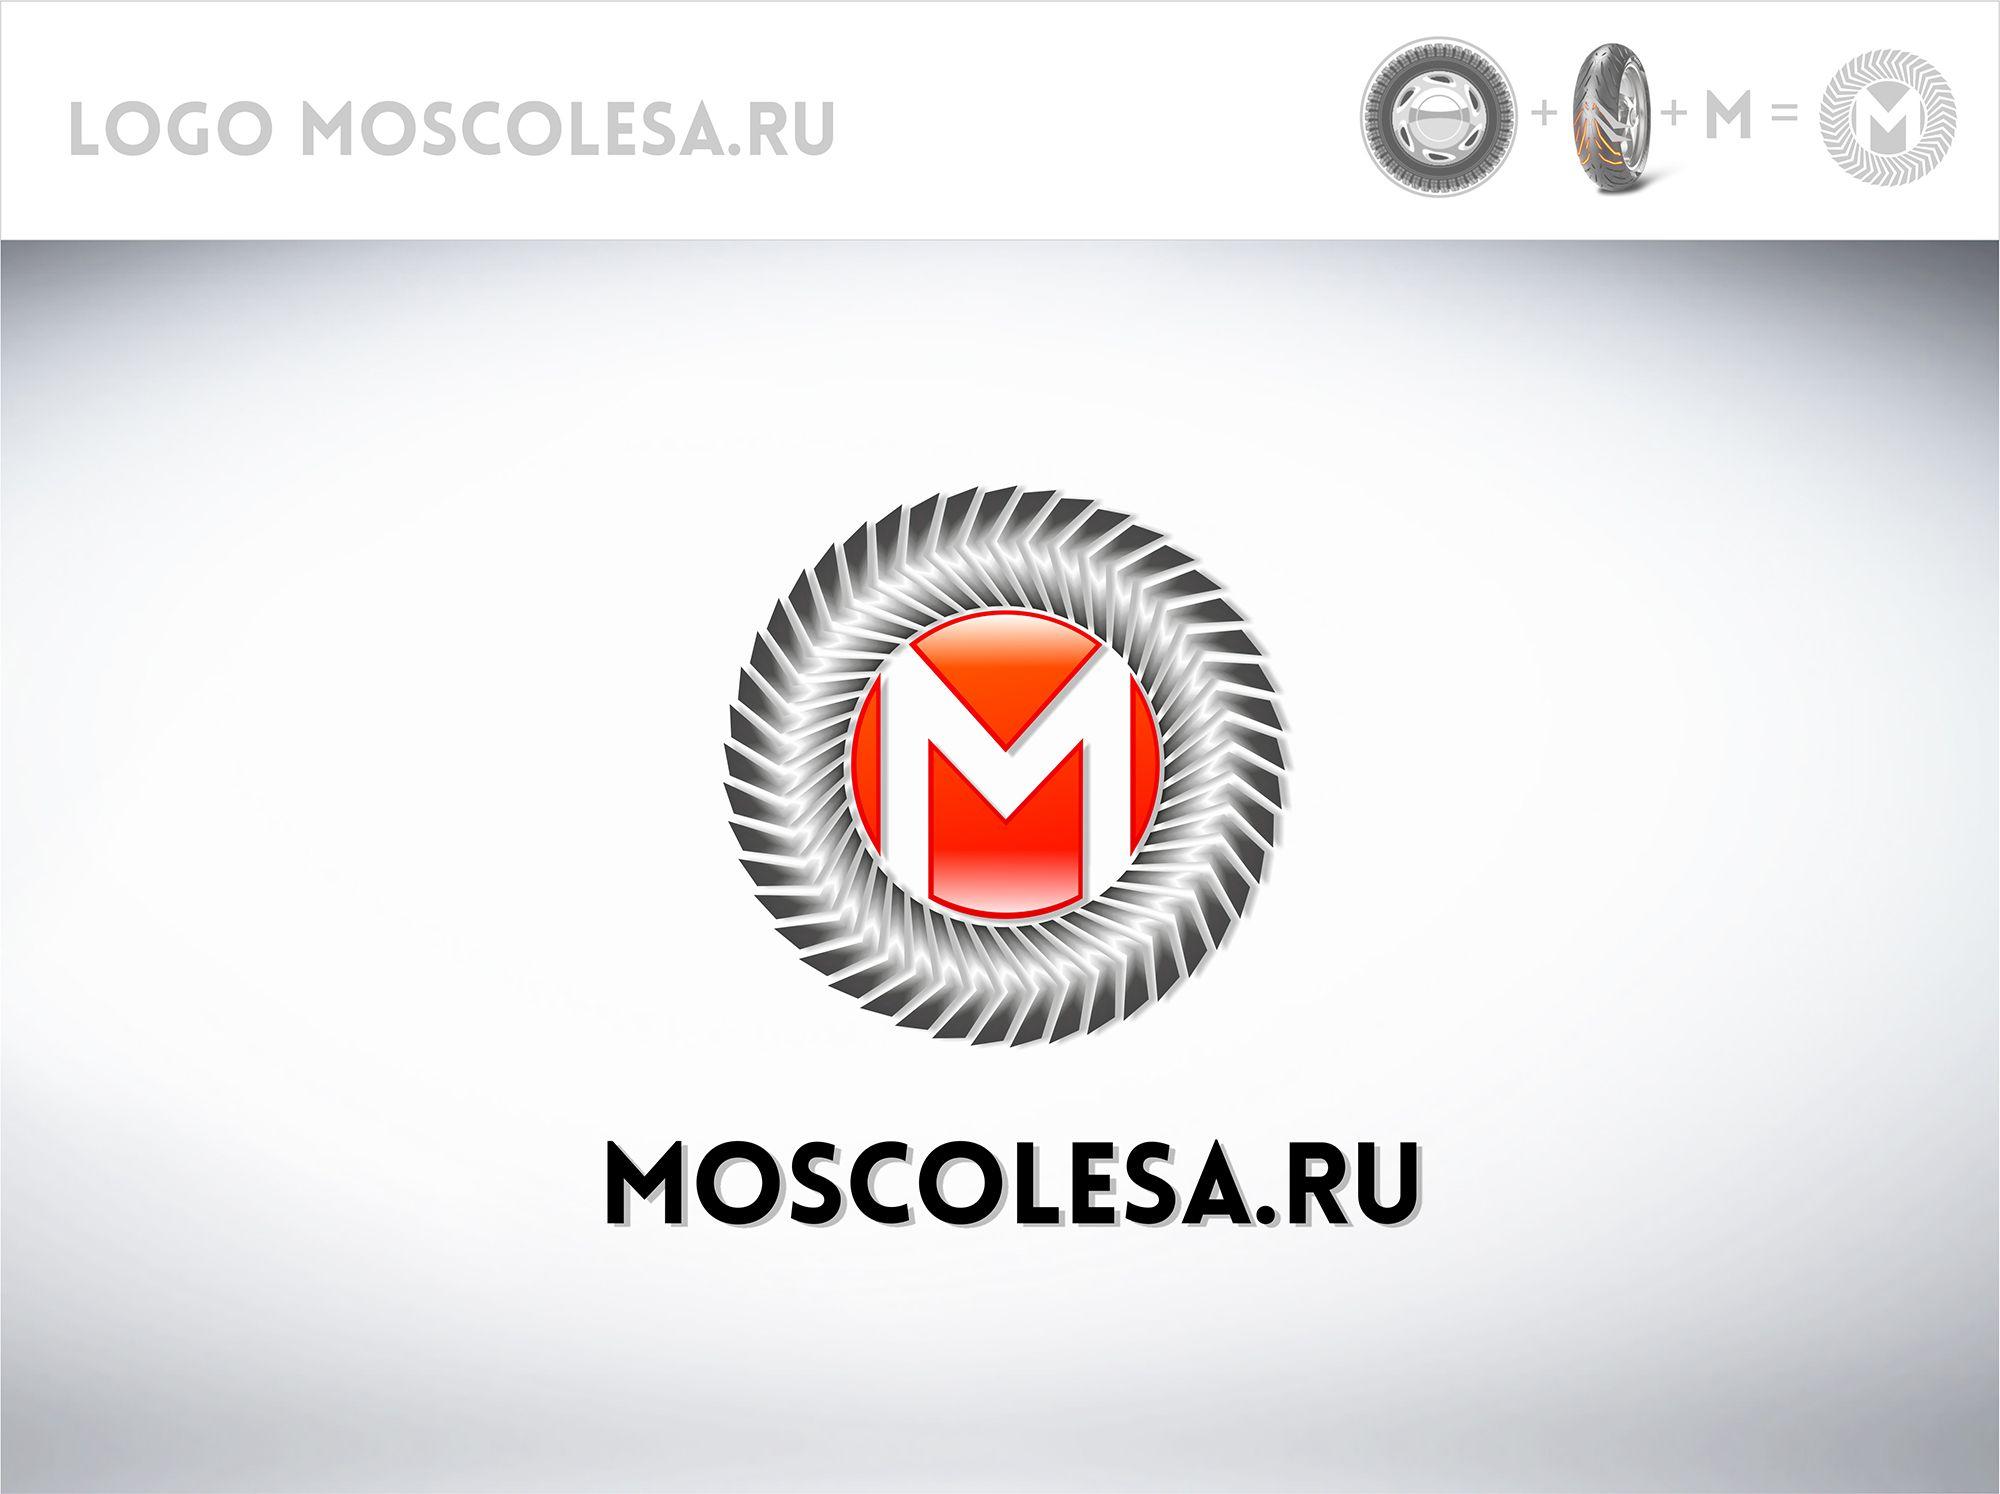 Лого и фир.стиль для ИМ шин и дисков. - дизайнер Anna_Zhura